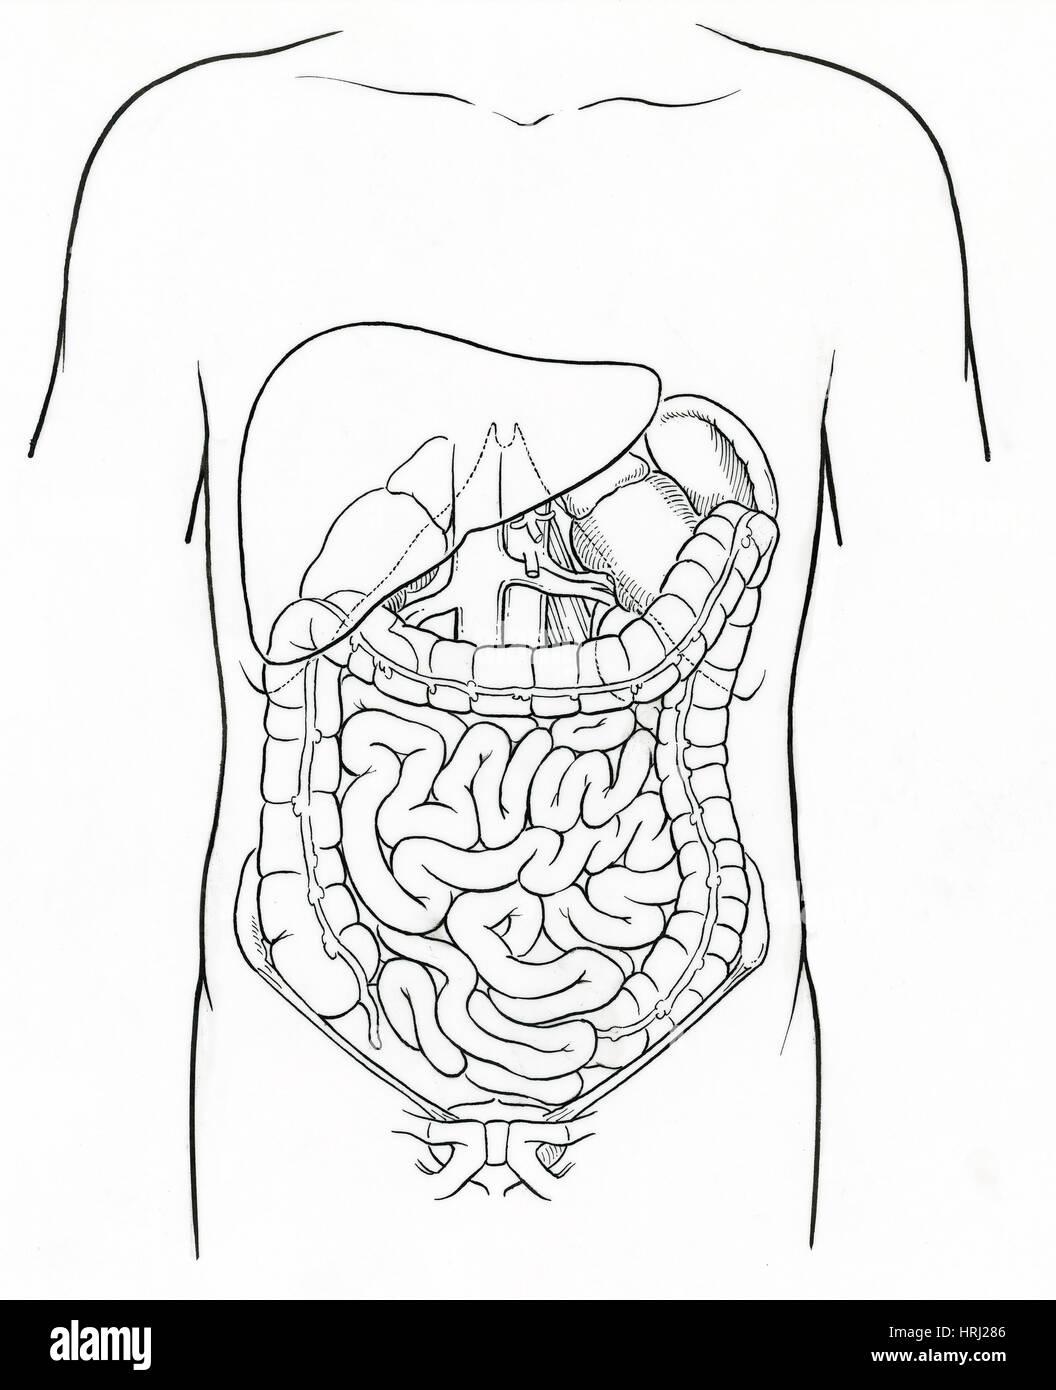 Ilustración de abdomen. Imagen De Stock